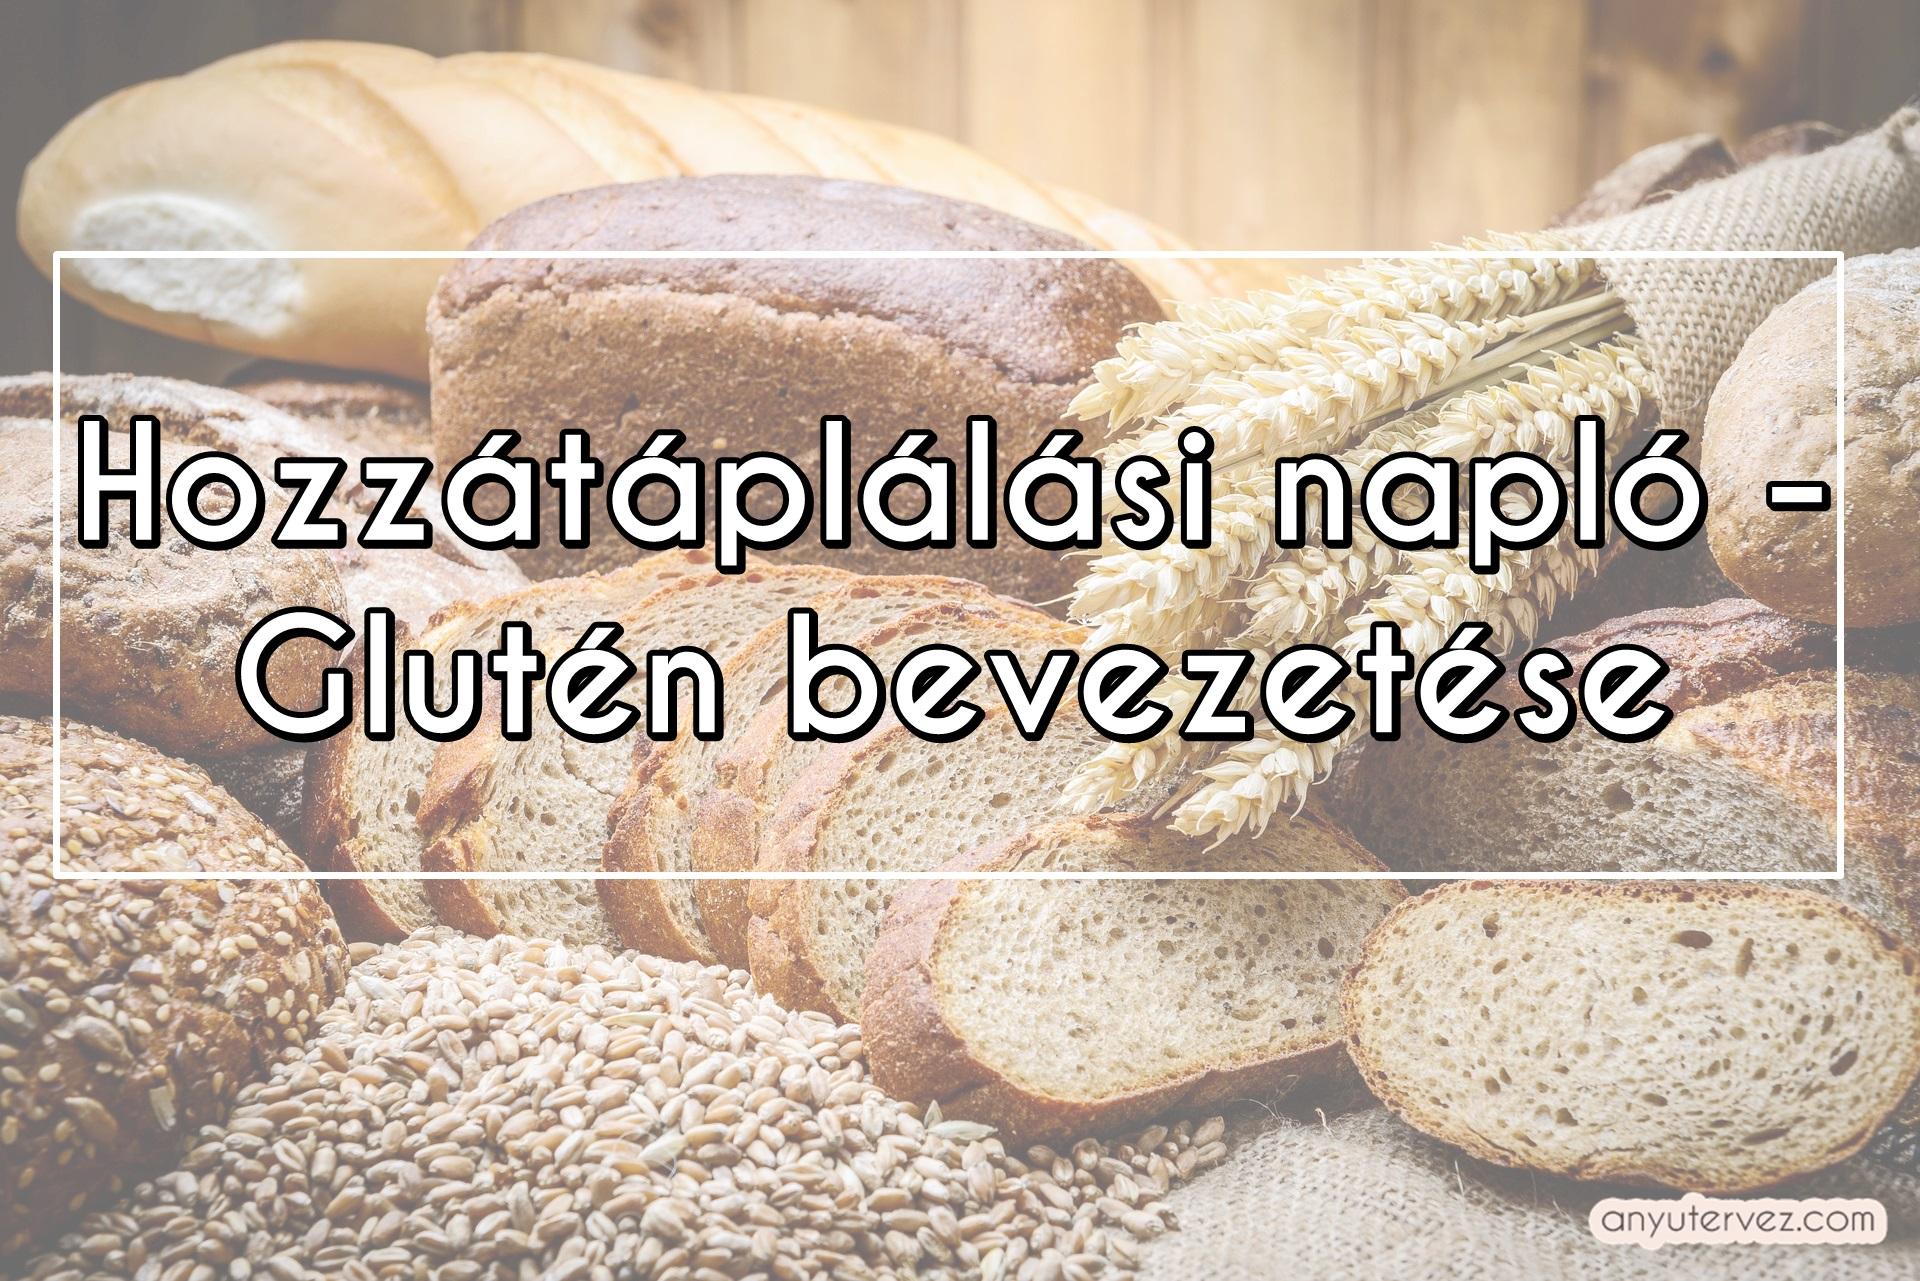 bread-2864792_1920.jpg